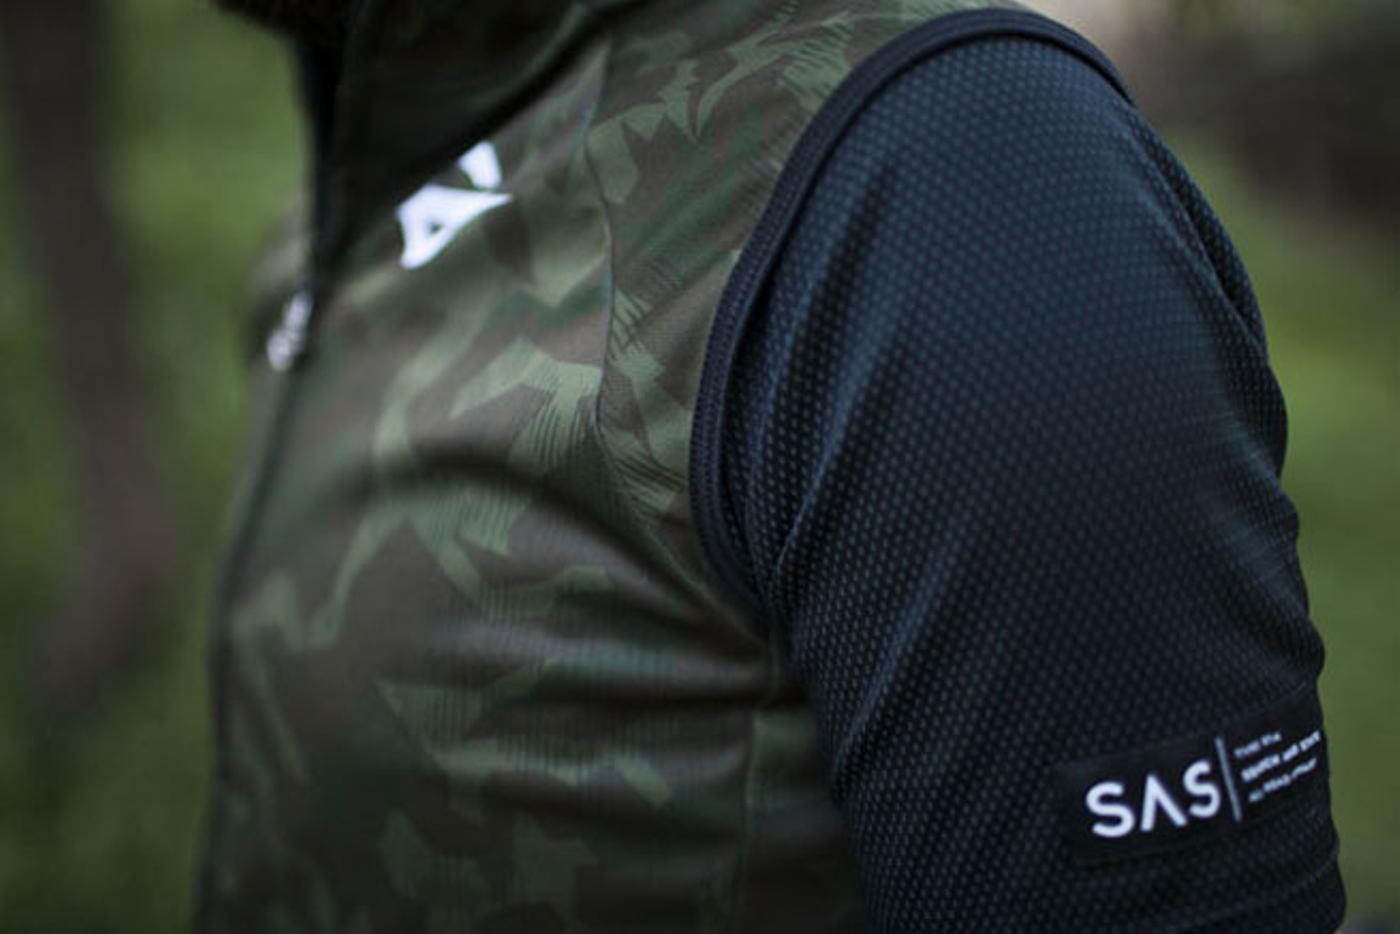 Pre-Order the New Endo Tracko Splinter Camo Vest